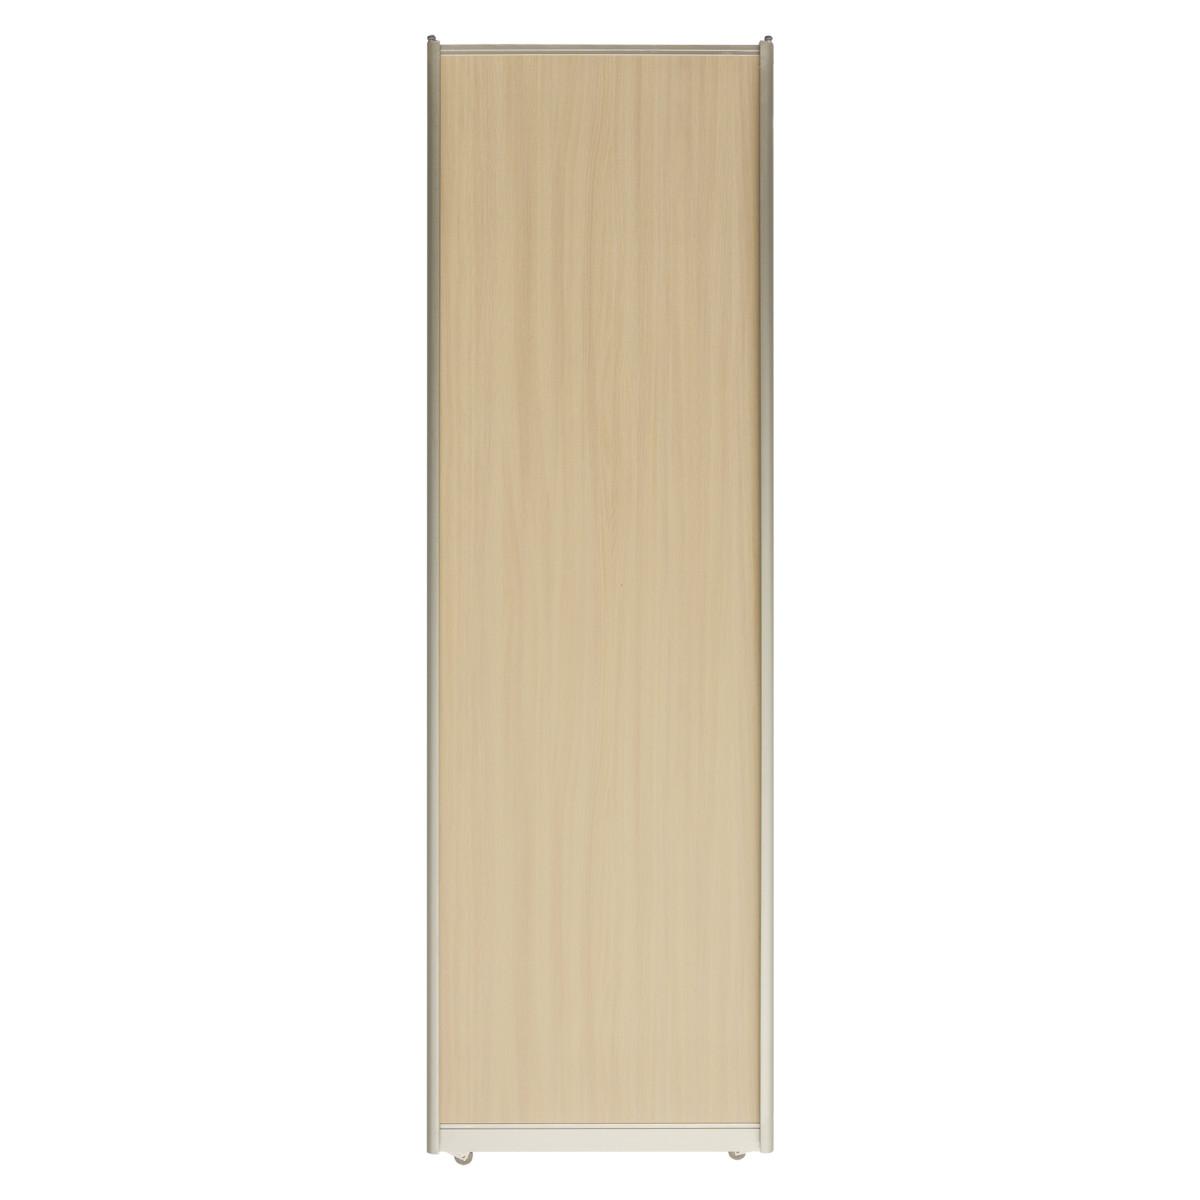 Дверь-купе 2251х704 мм цвет дуб беленый/серебро